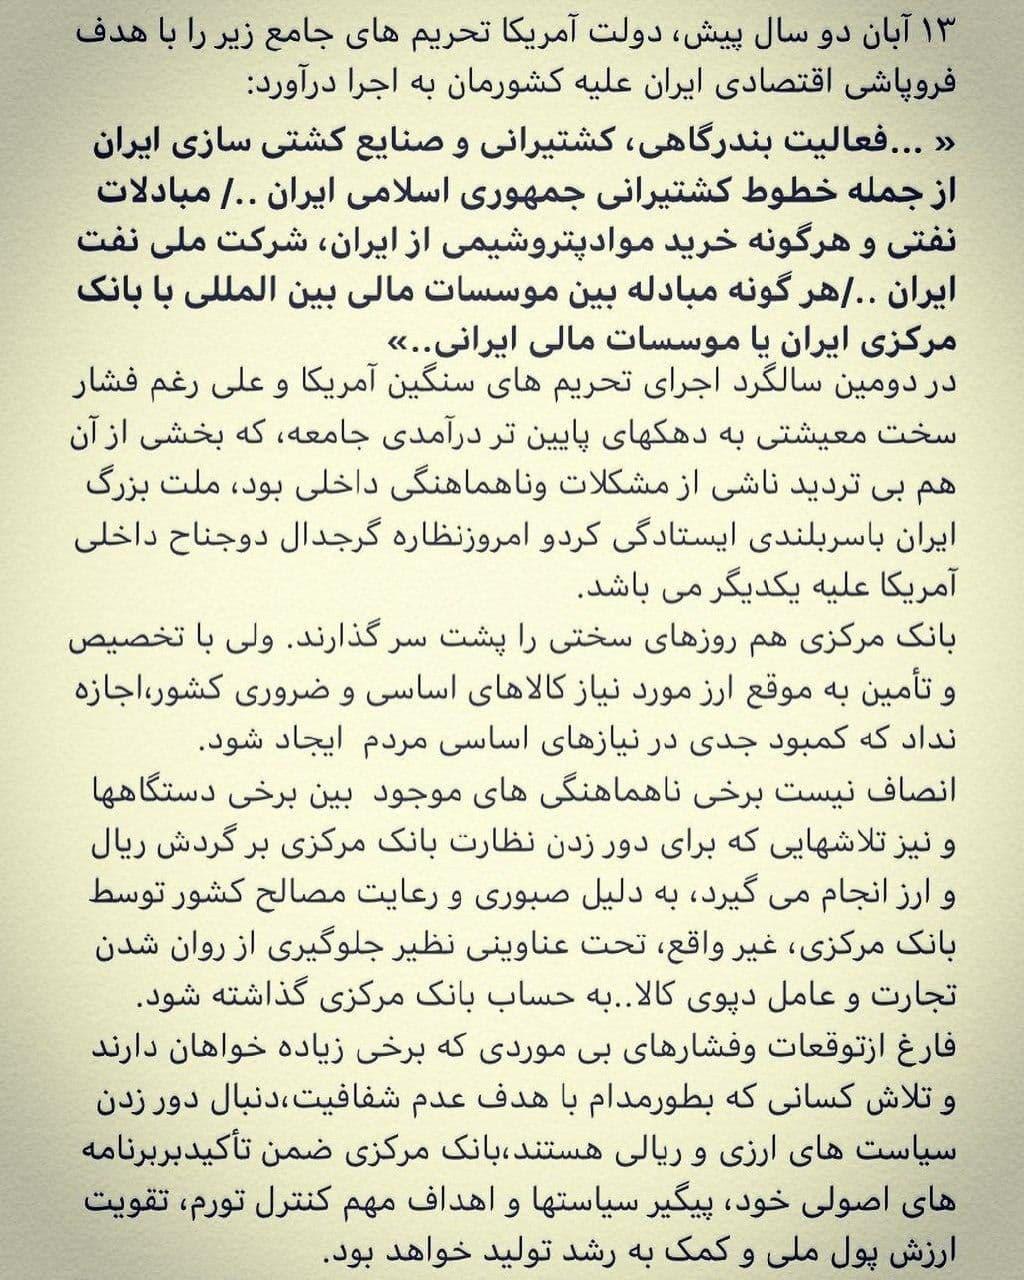 پست اینستاگرامی رئیس کل بانک مرکزی در دومین سالگرد اجرای تحریمهای آمریکا علیه ایران